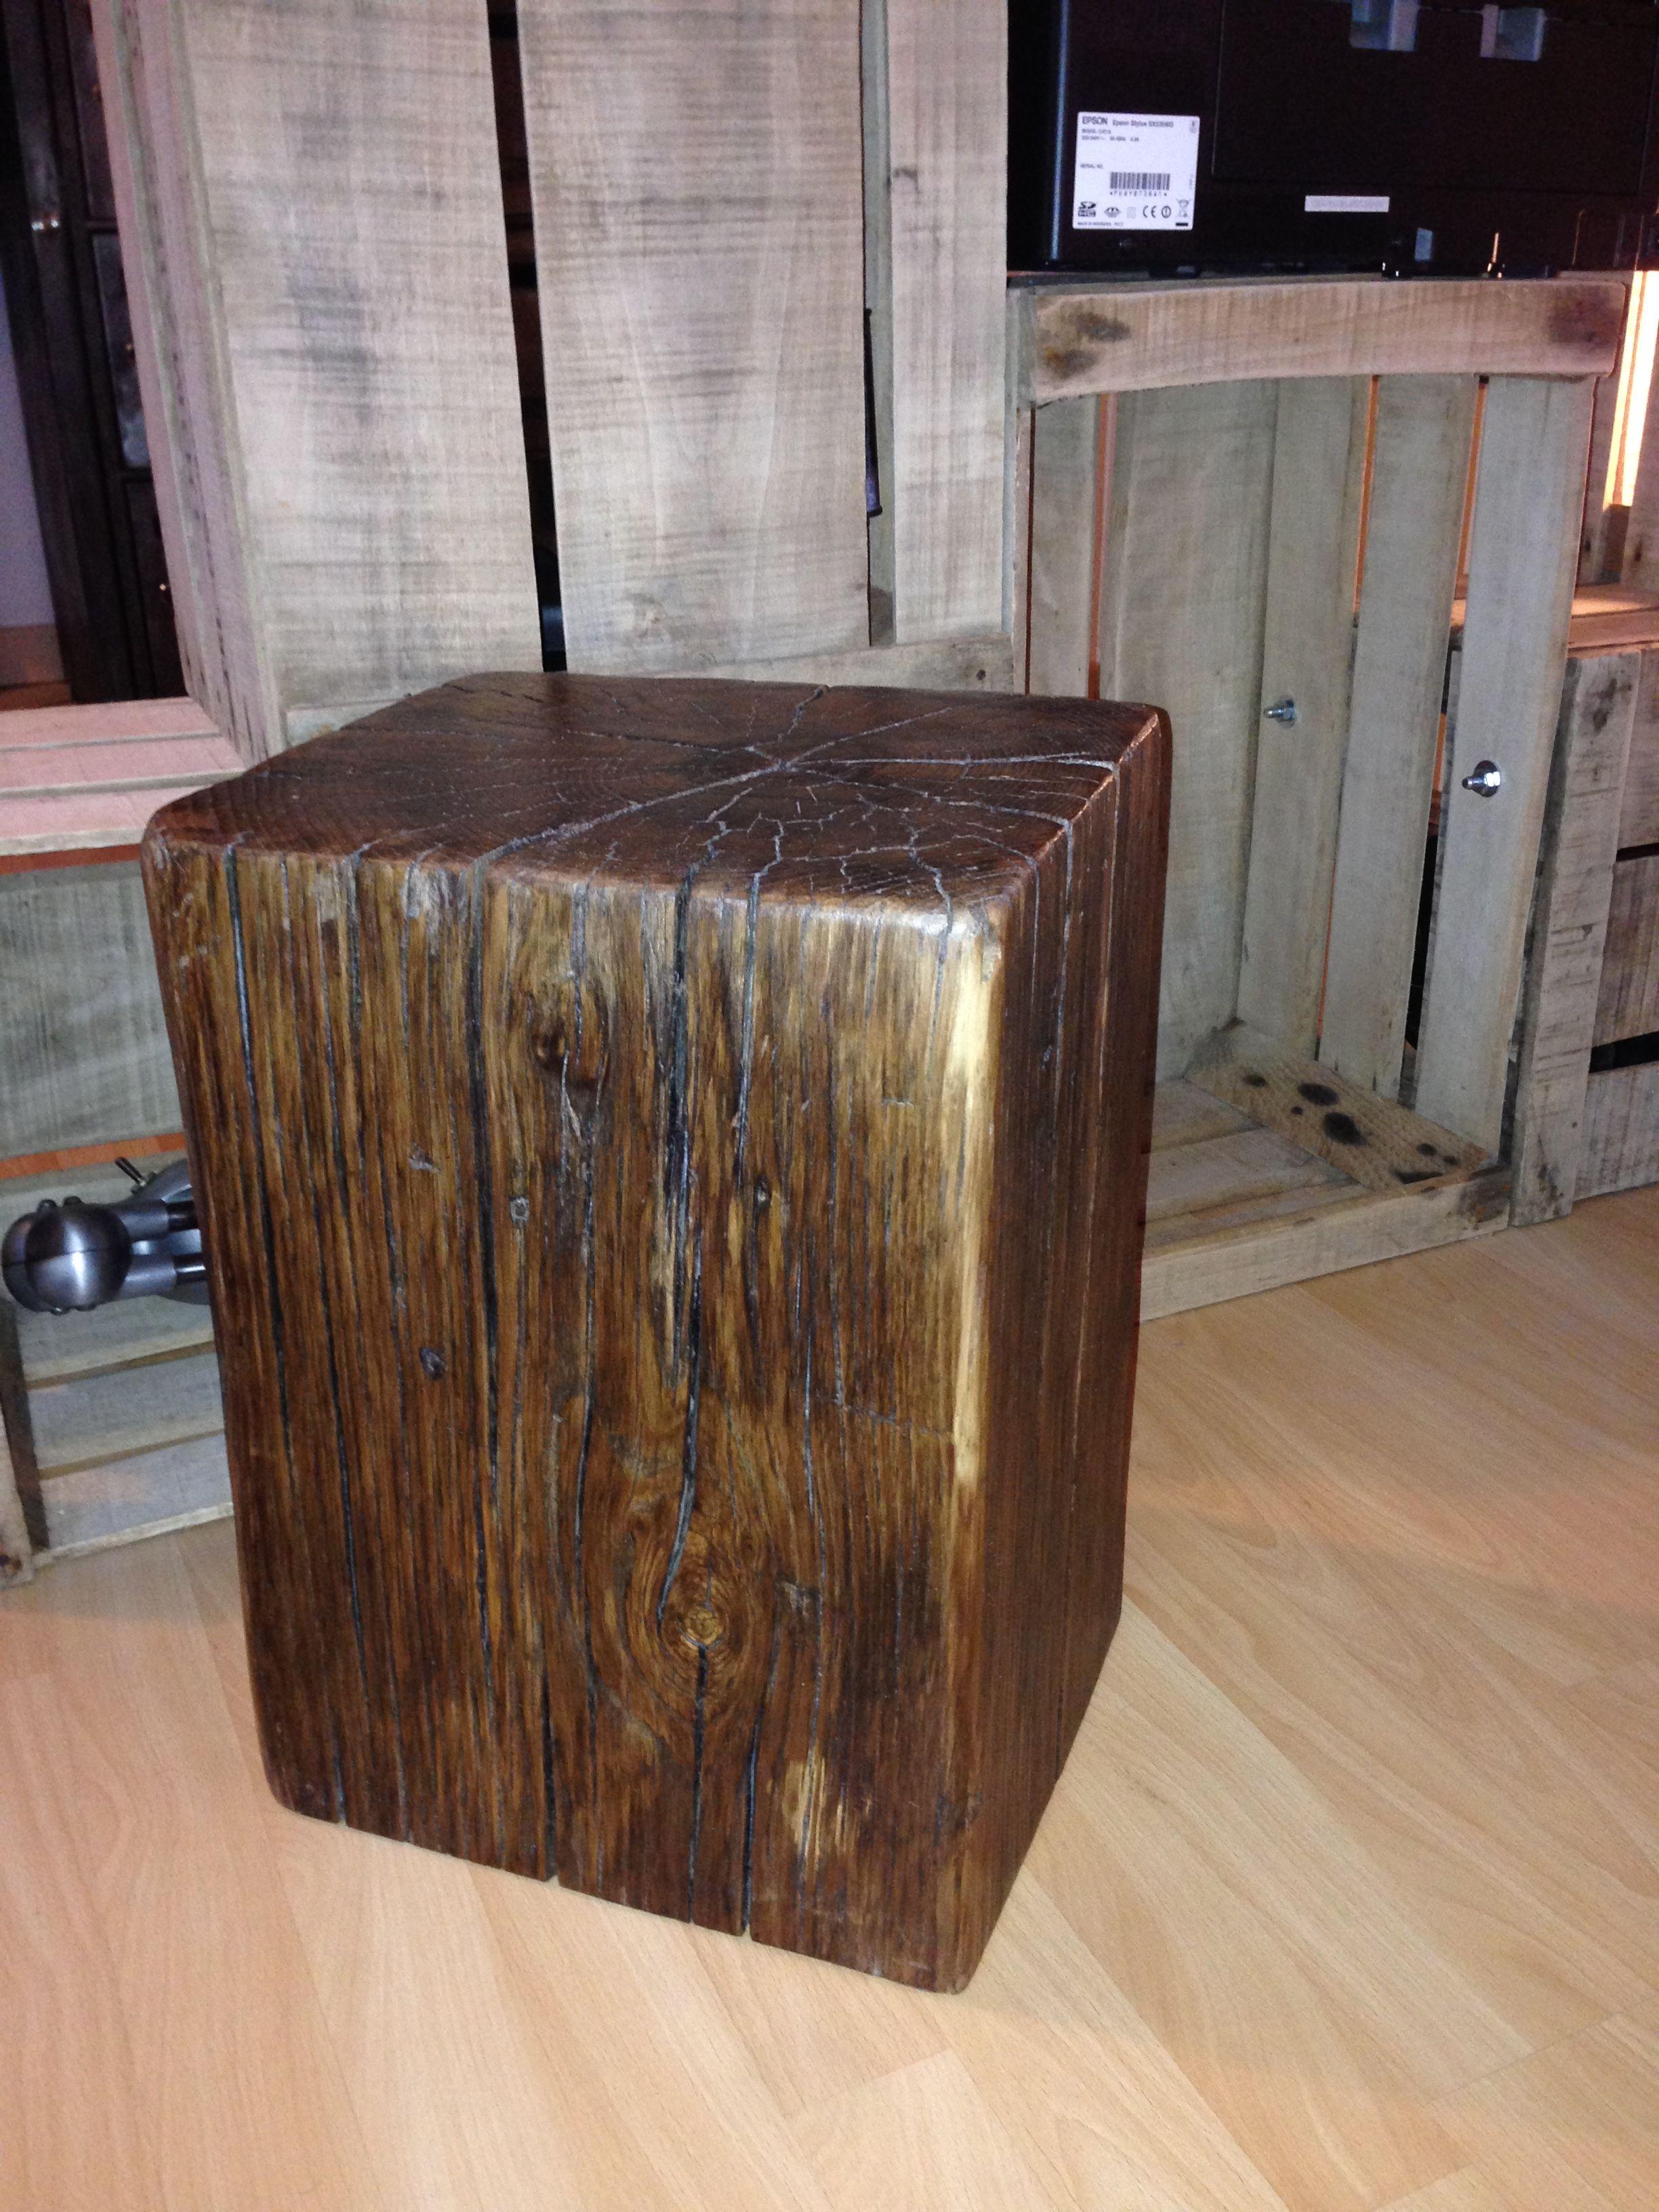 tabouret massif en ch ne d coupe d 39 une chute de poutre en ch ne aux dimensions d 39 un tabouret. Black Bedroom Furniture Sets. Home Design Ideas